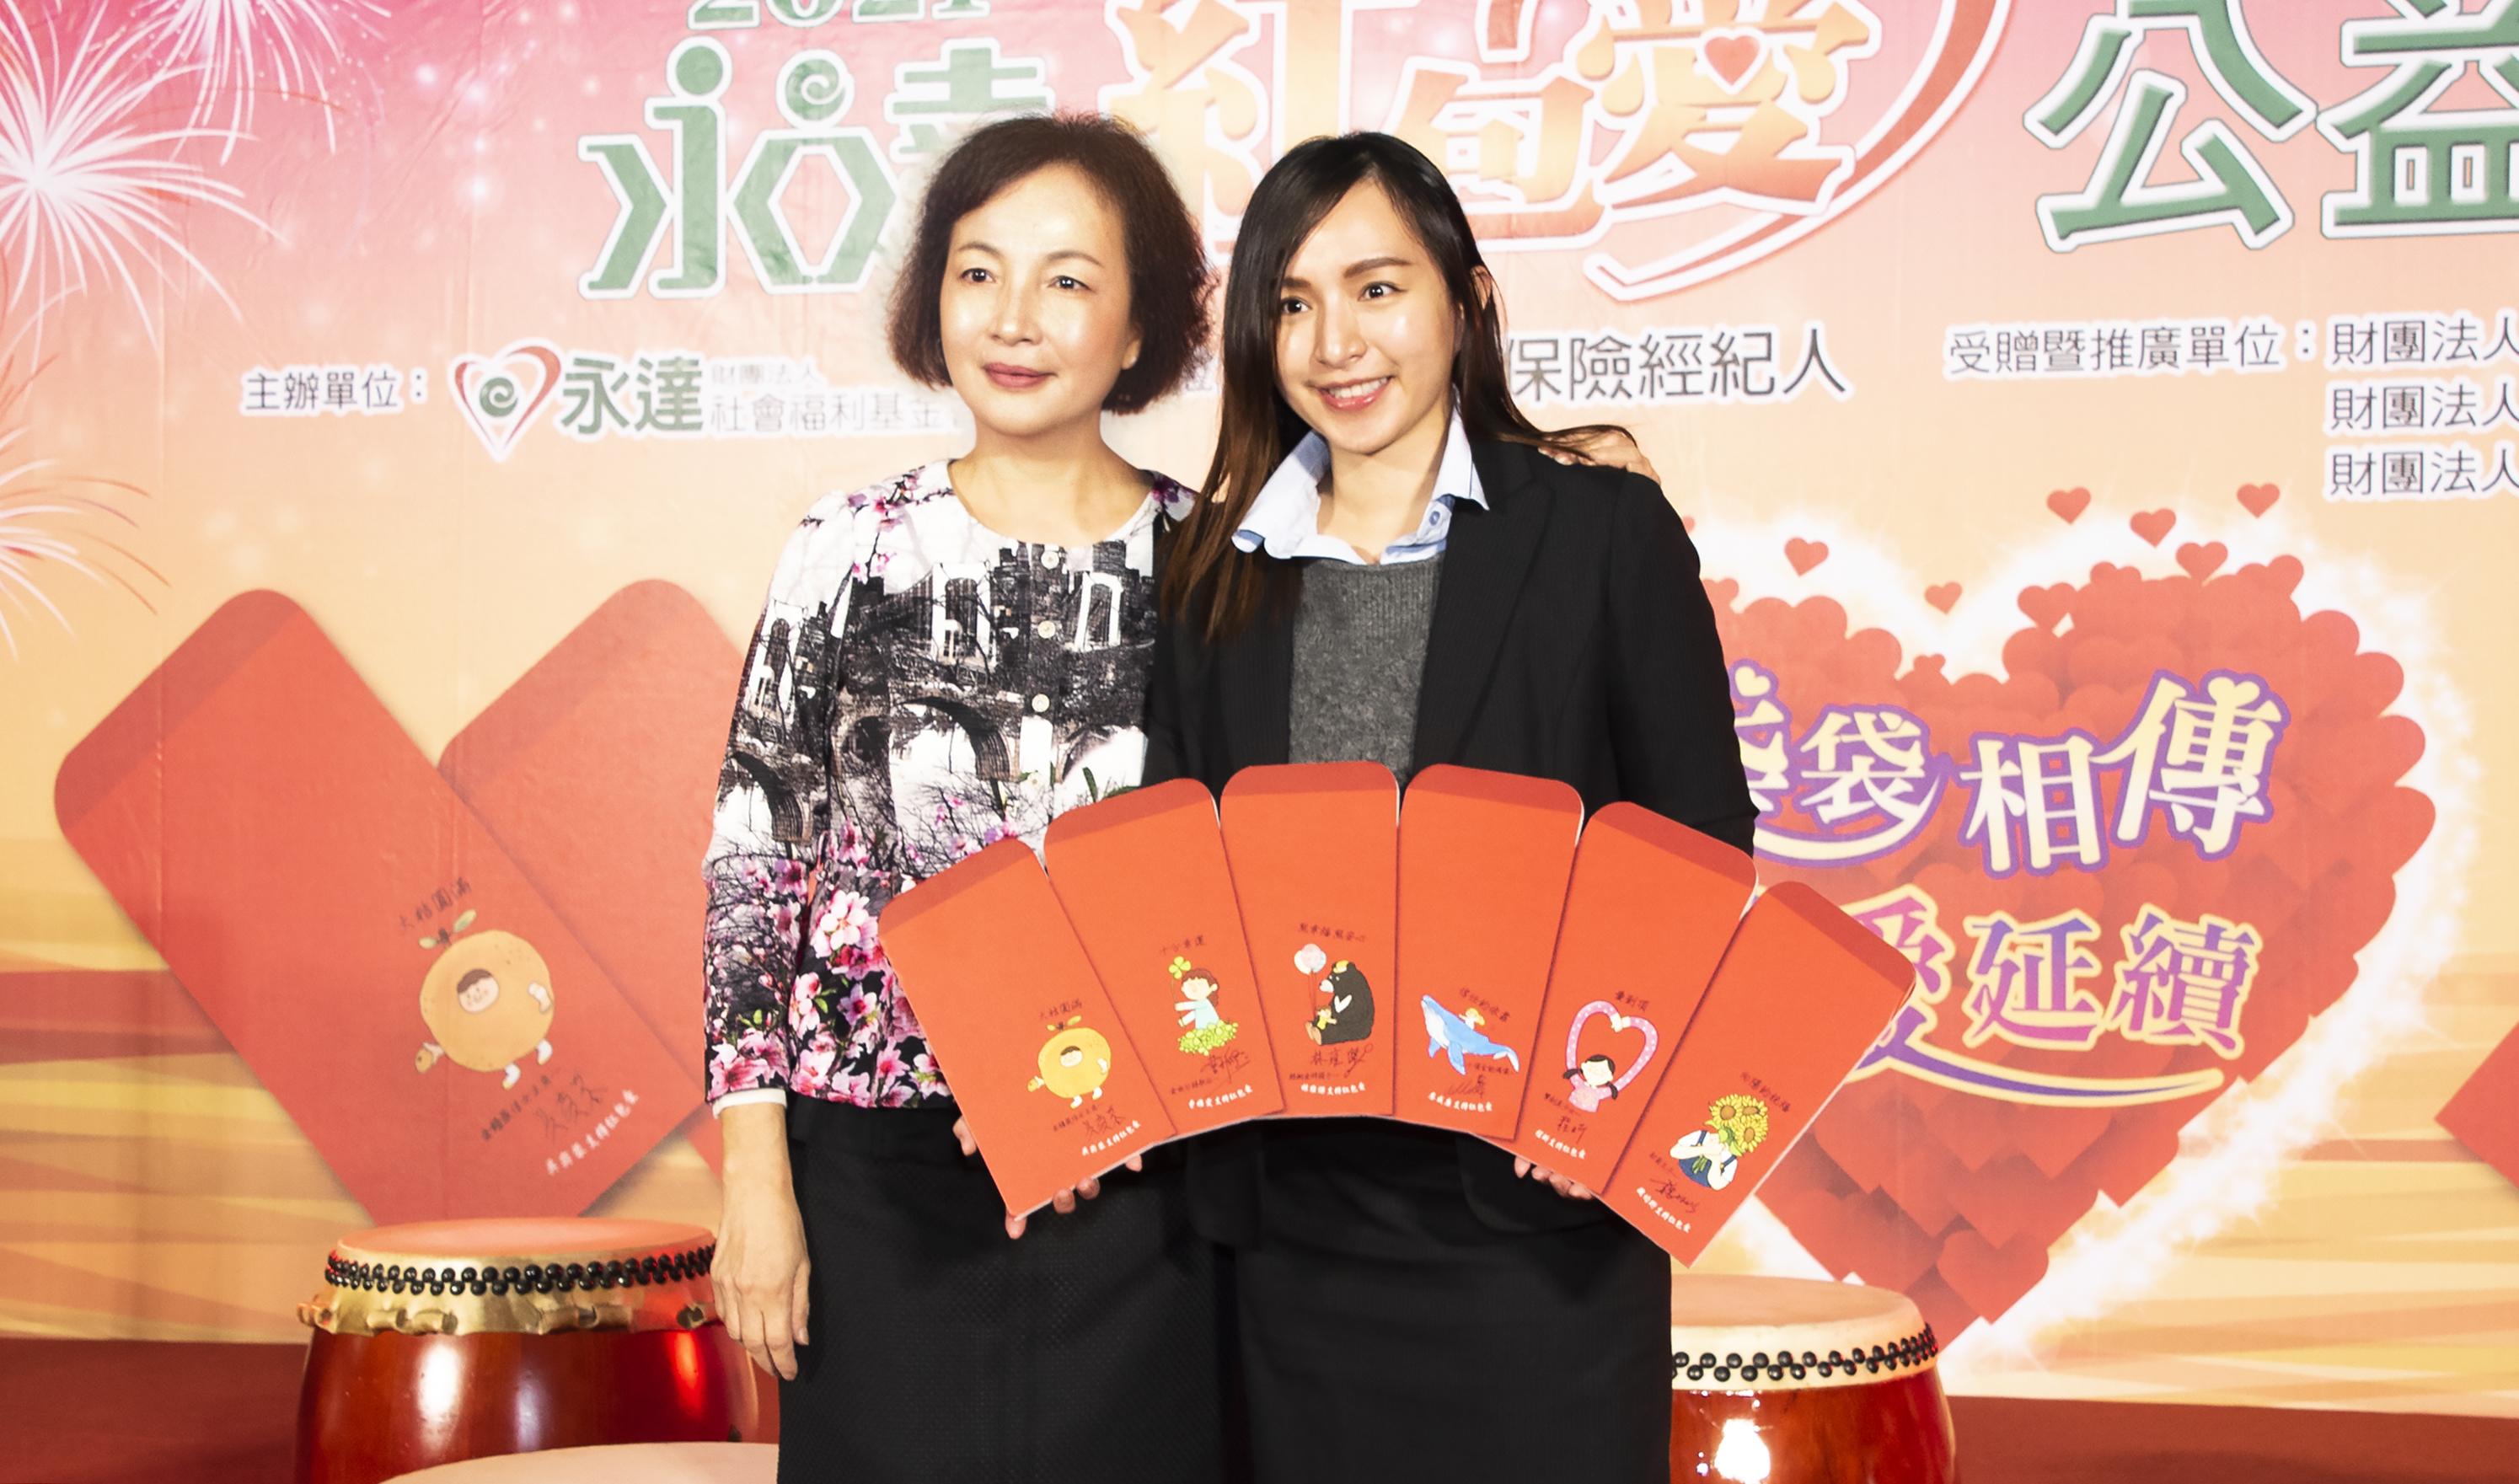 感謝吳沂軒小姐(圖右)無償捐贈6款手繪圖,圖左為董事長夫人侯淑華女士。